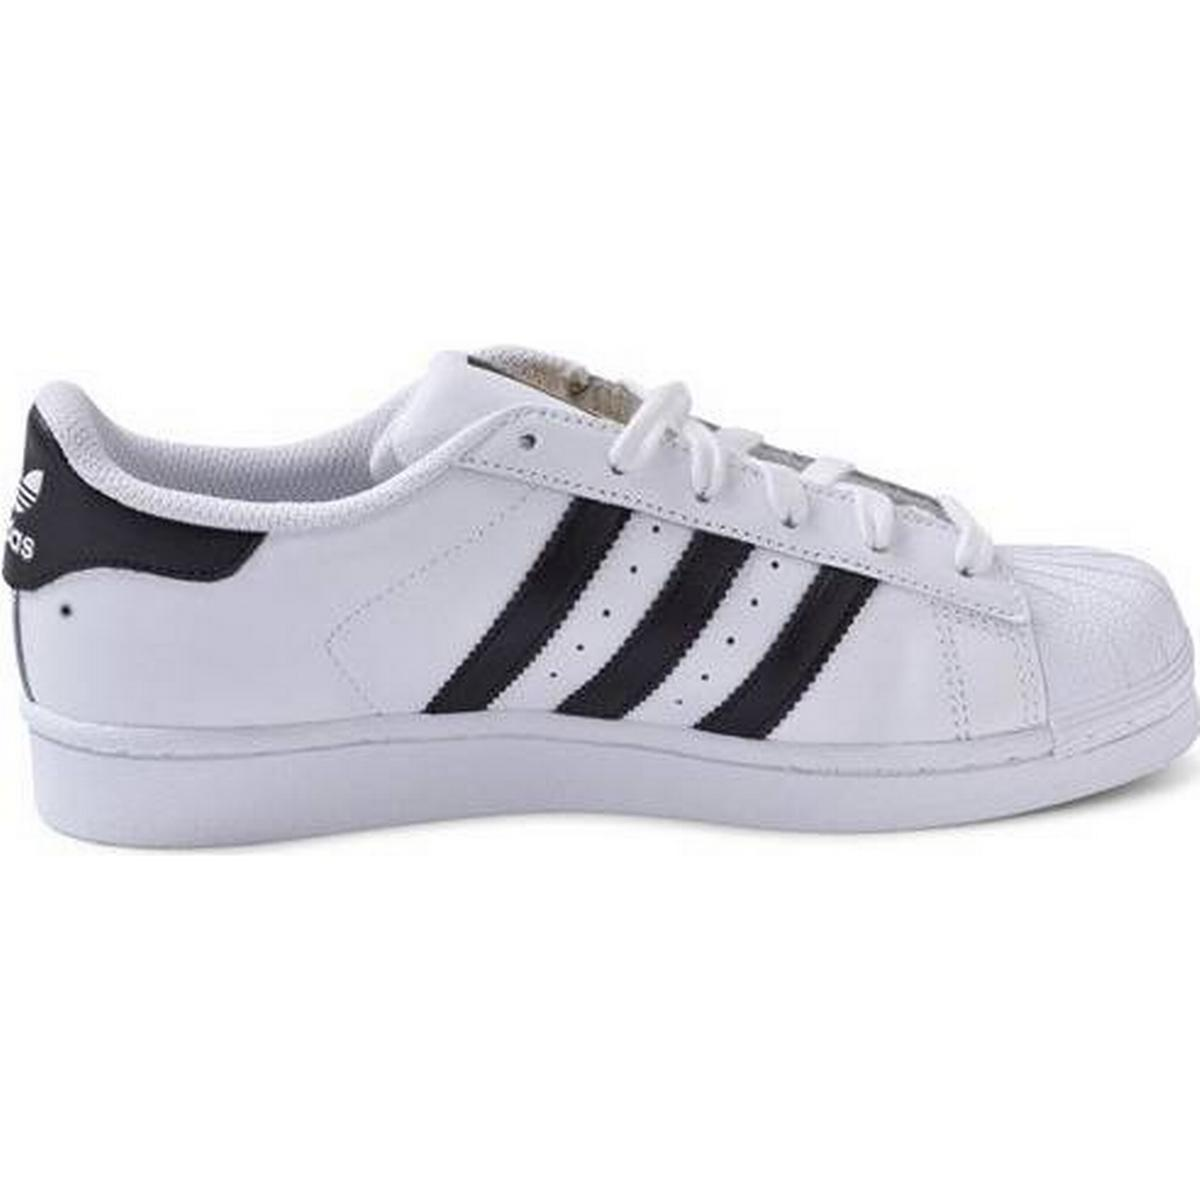 Adidas Børnesko (1000+ produkter) hos PriceRunner • Se